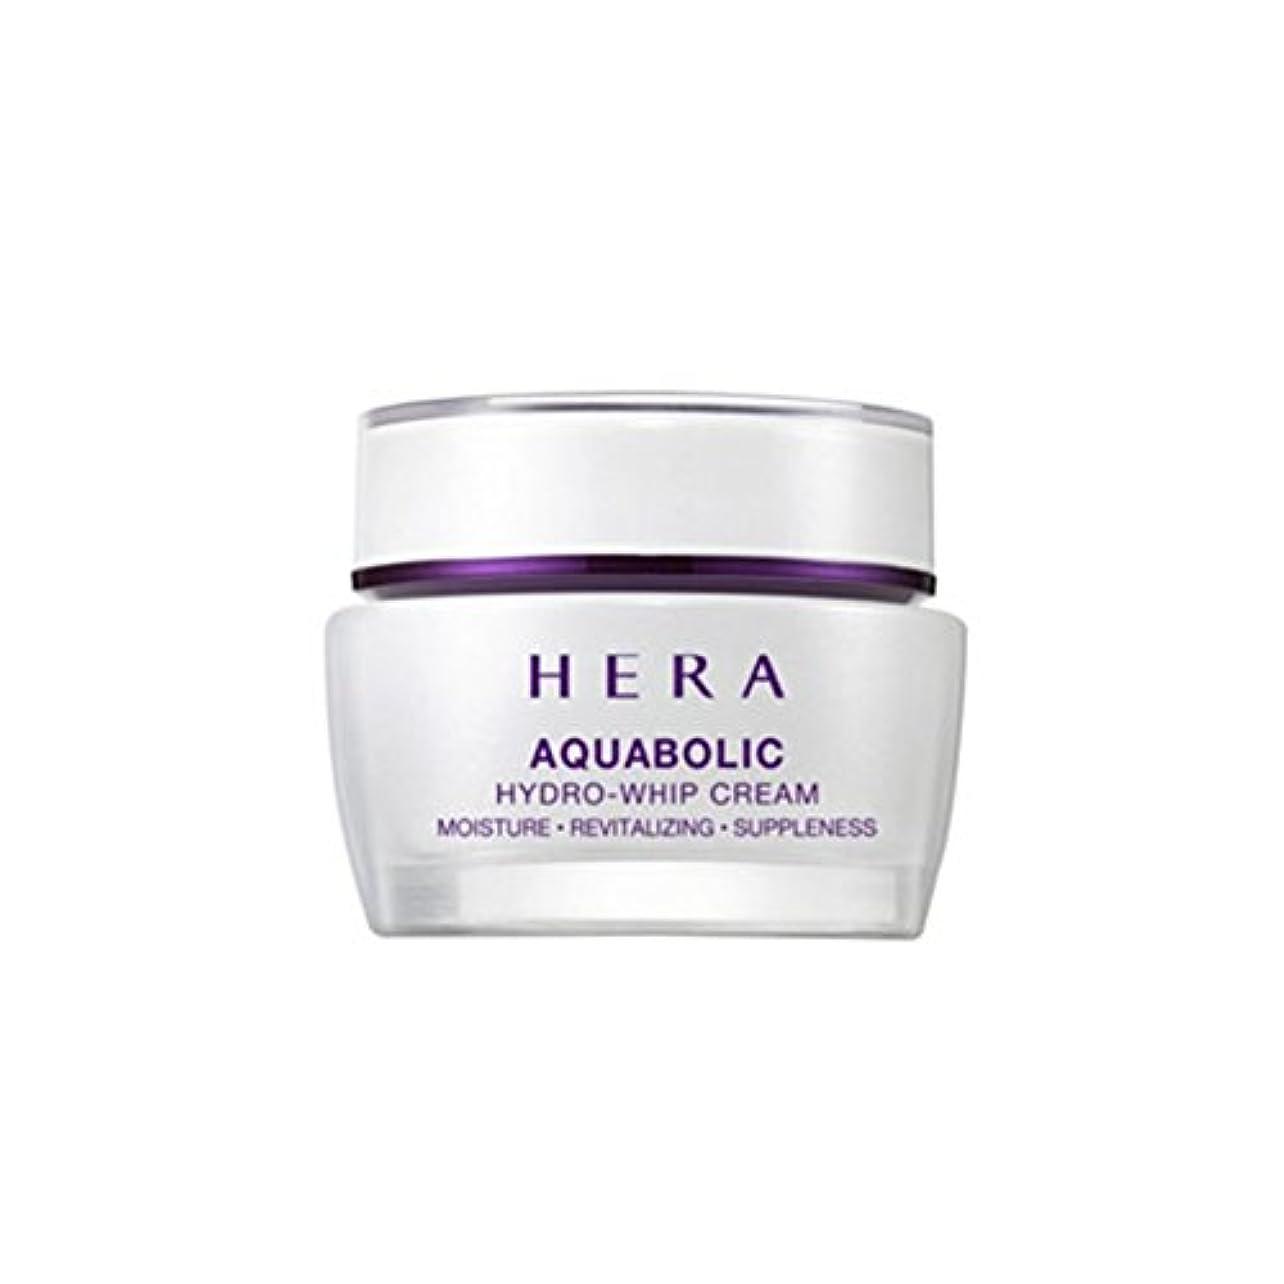 病気だと思う原因定数(ヘラ) HERA Aquabolic Hydro-Whip Cream アクアボリックハイドロホイップ クリーム (韓国直発送) oopspanda